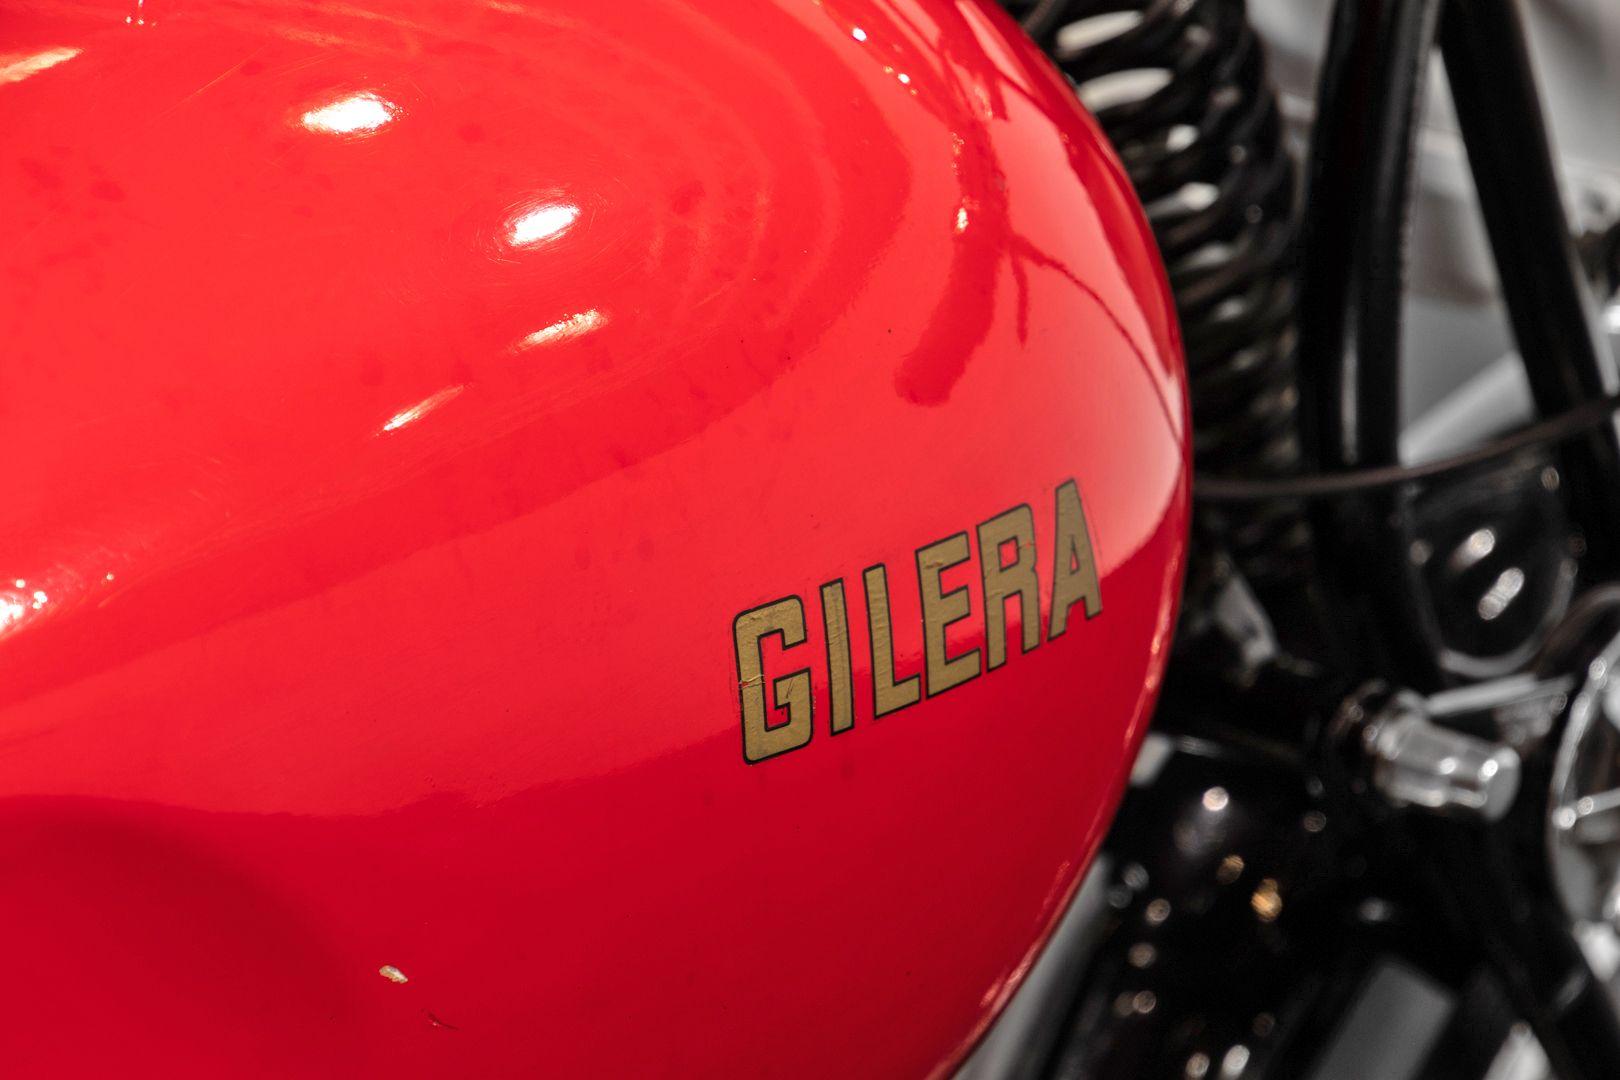 1940 Gilera 500 8 Bulloni 71576